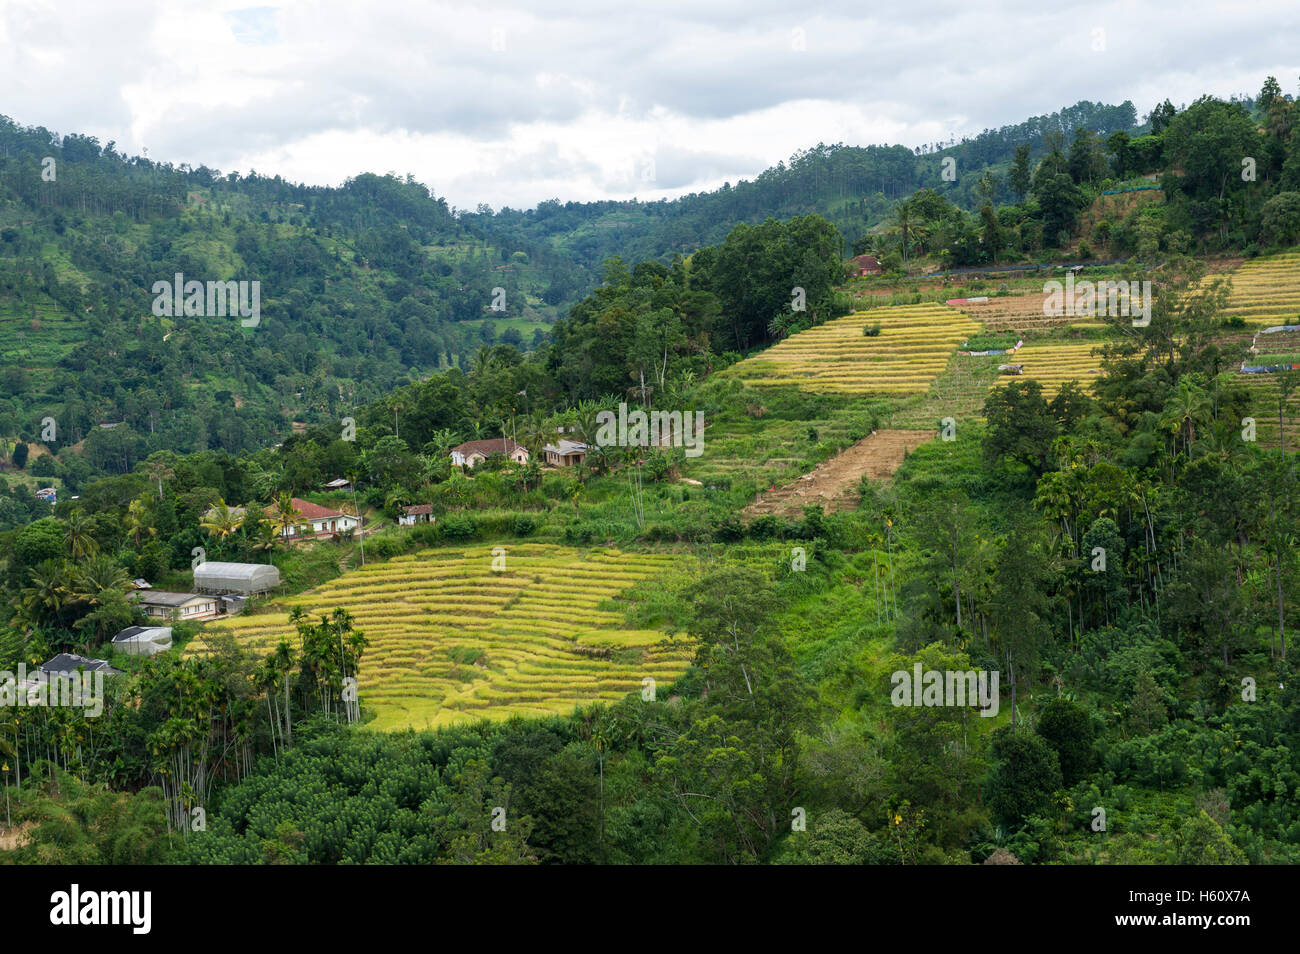 Tea plantations around Uva Halpewatte tea factory, Ella, Sri Lanka - Stock Image